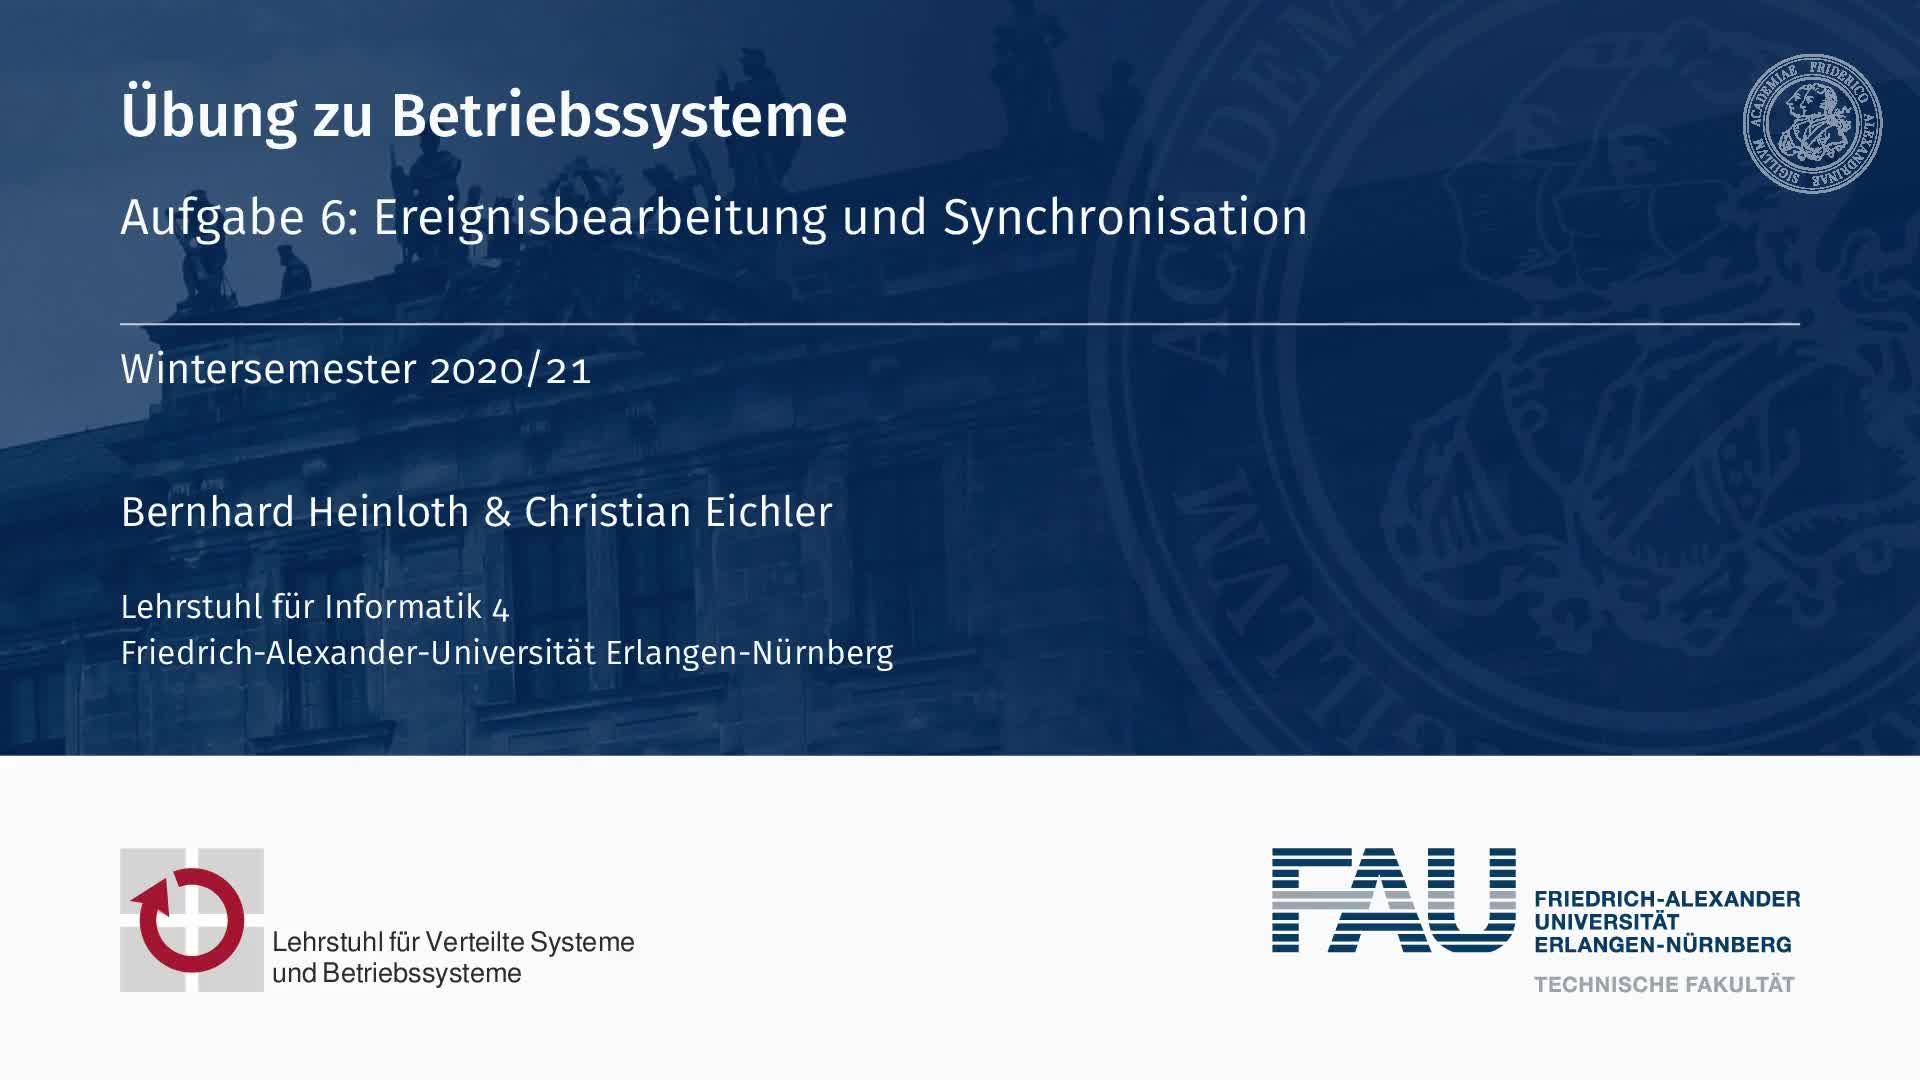 Aufgabe 6: Ereignisbearbeitung und Synchronisation preview image